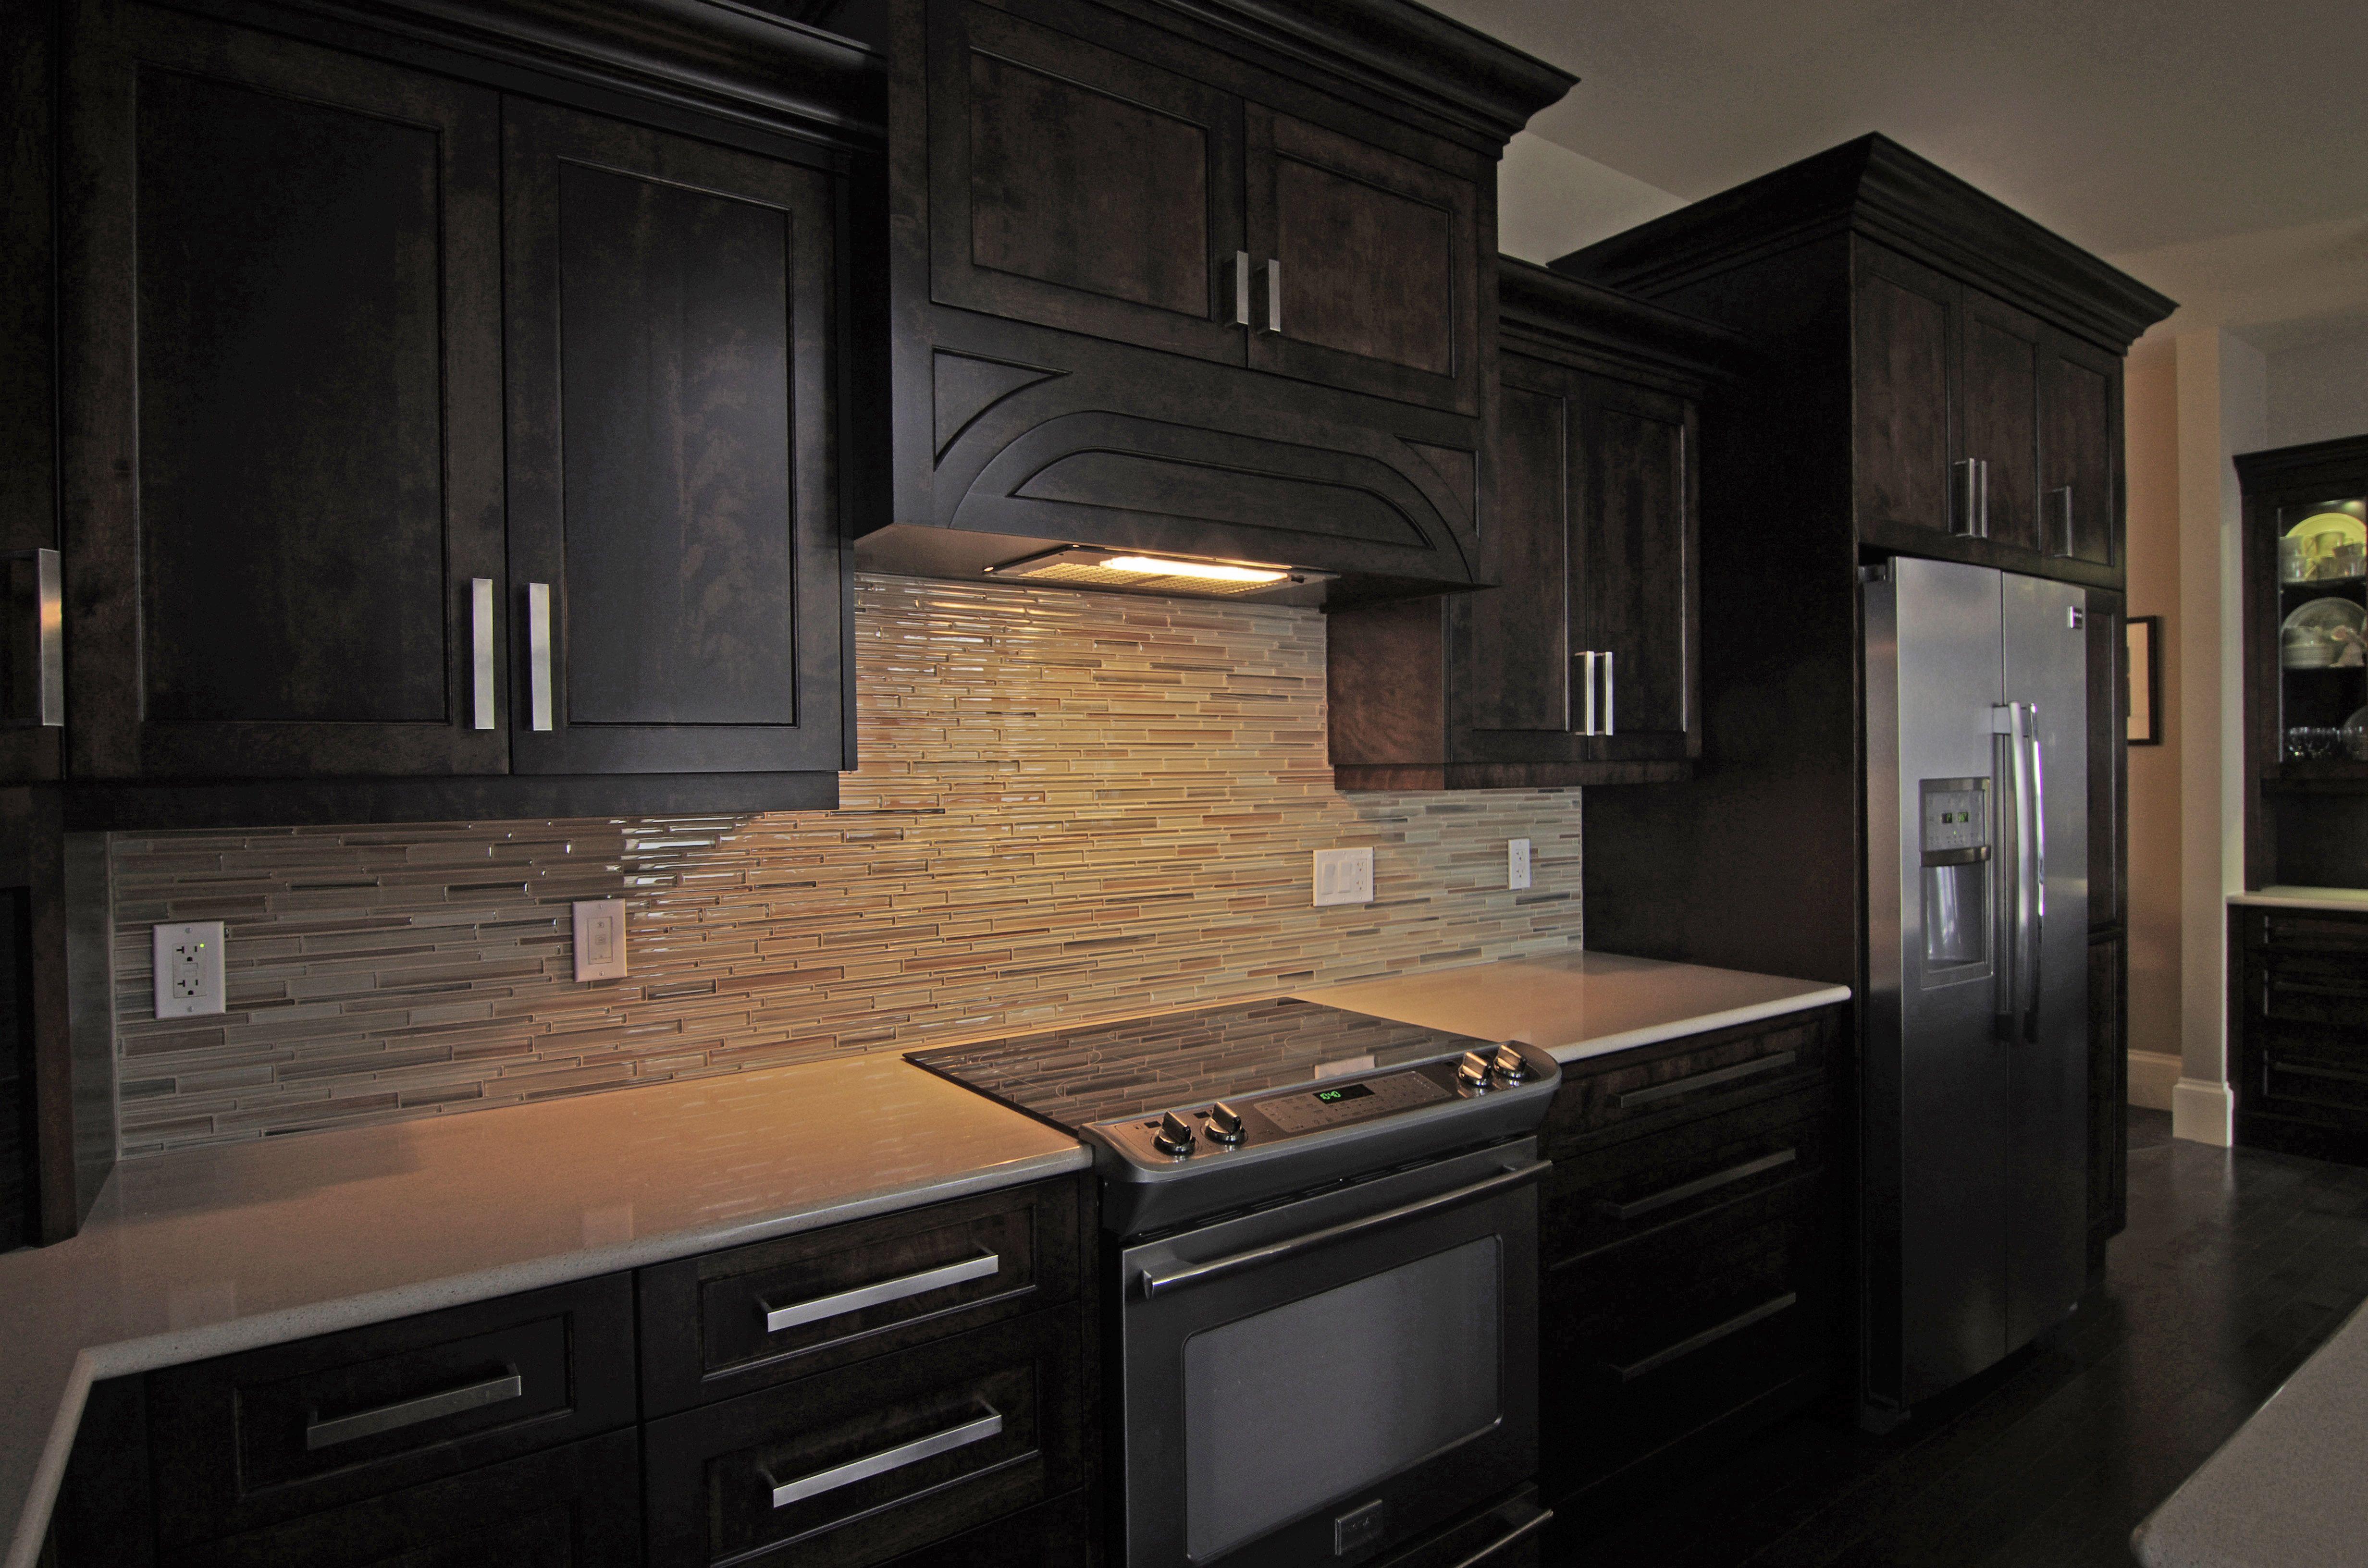 Beautiful Kitchen Cabinets Photo Gallery